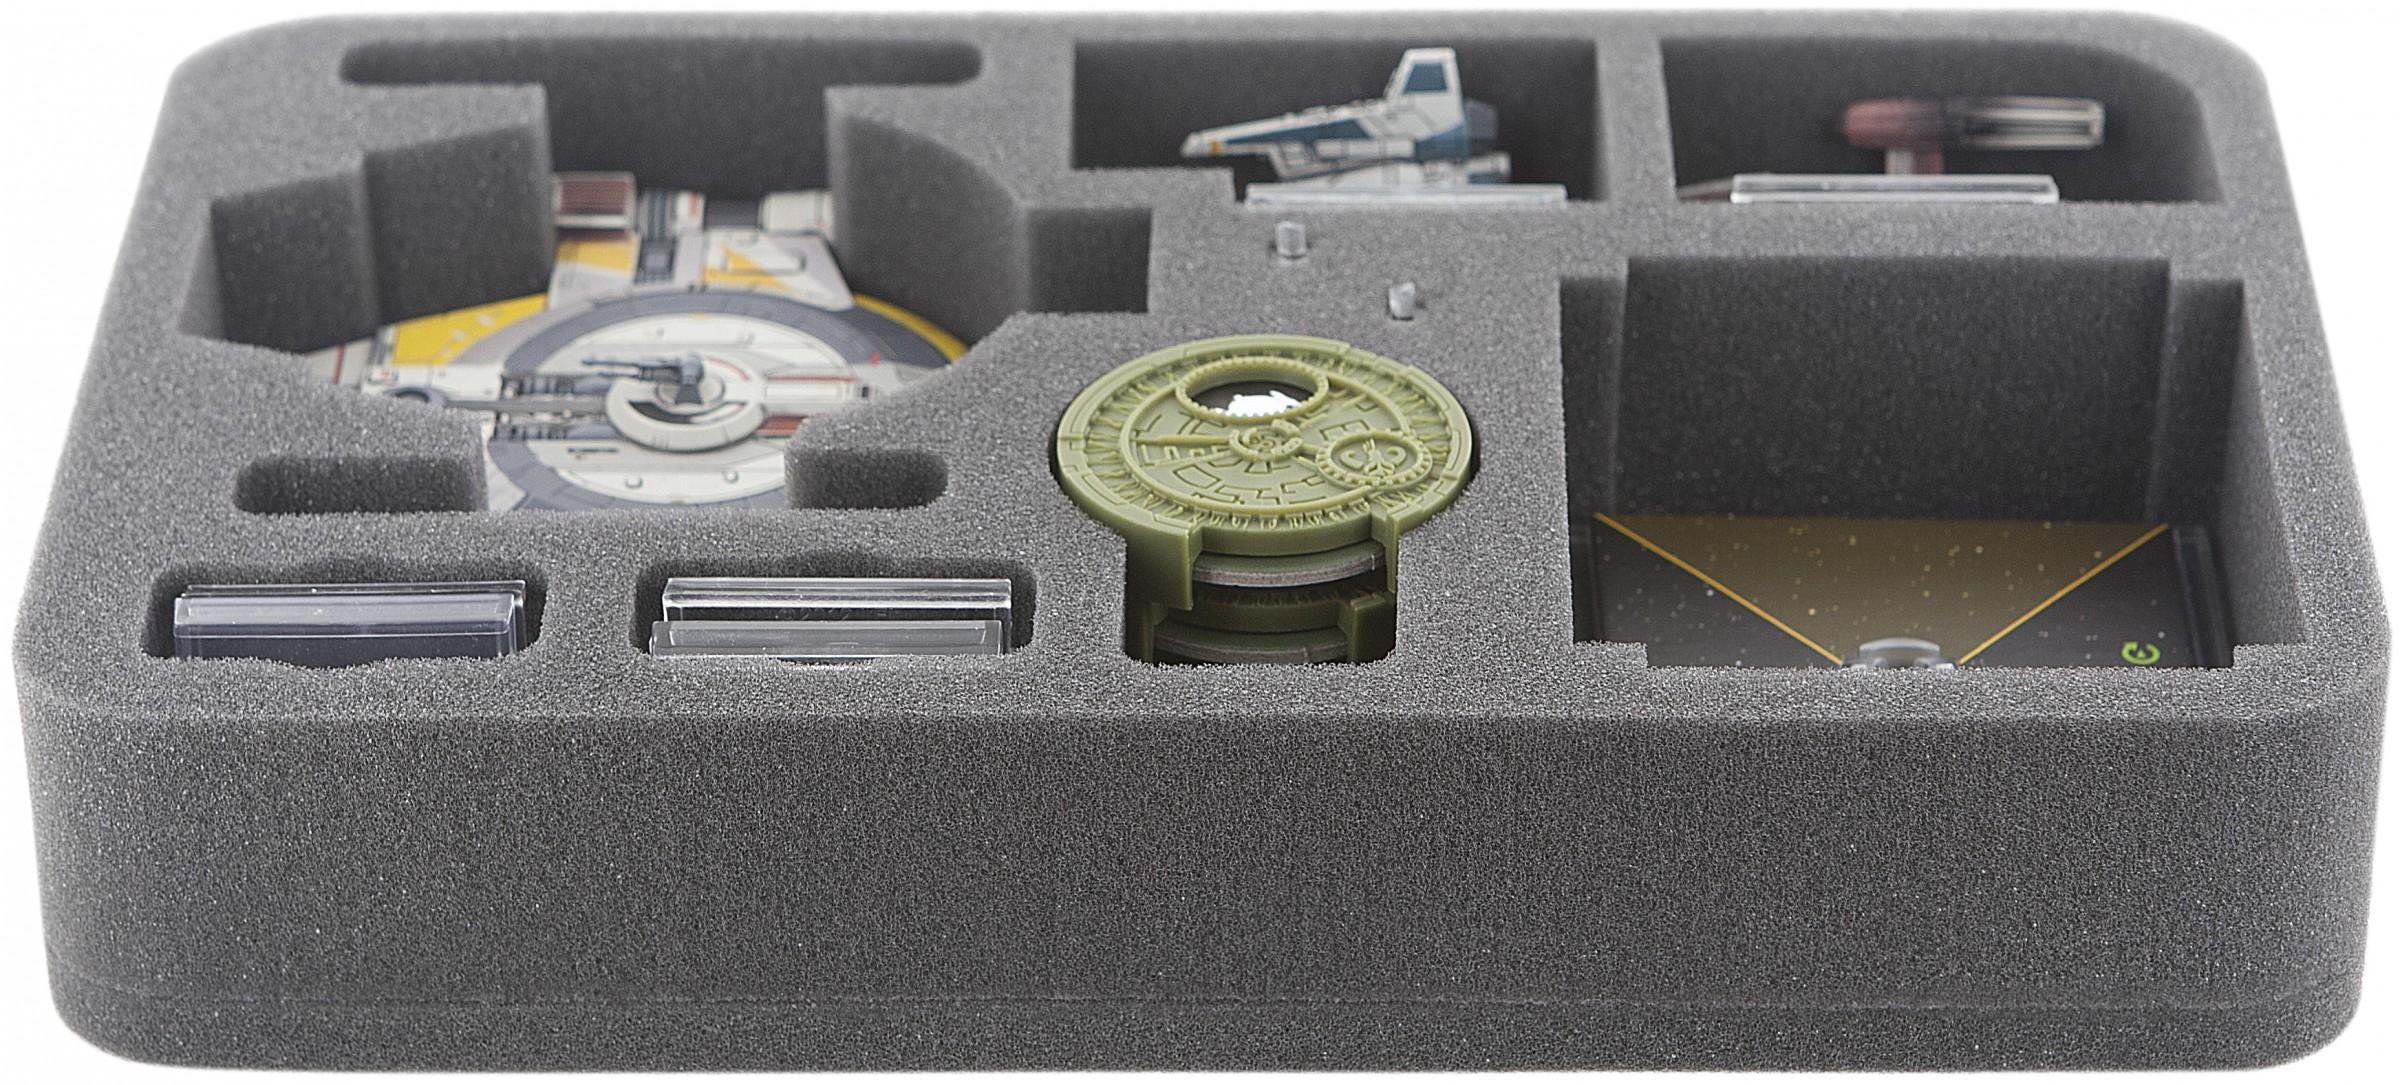 HSFZ050BO Schaumstoffeinlage für Star Wars X WING Shadow Caster, Raumschiffe und Zubehör